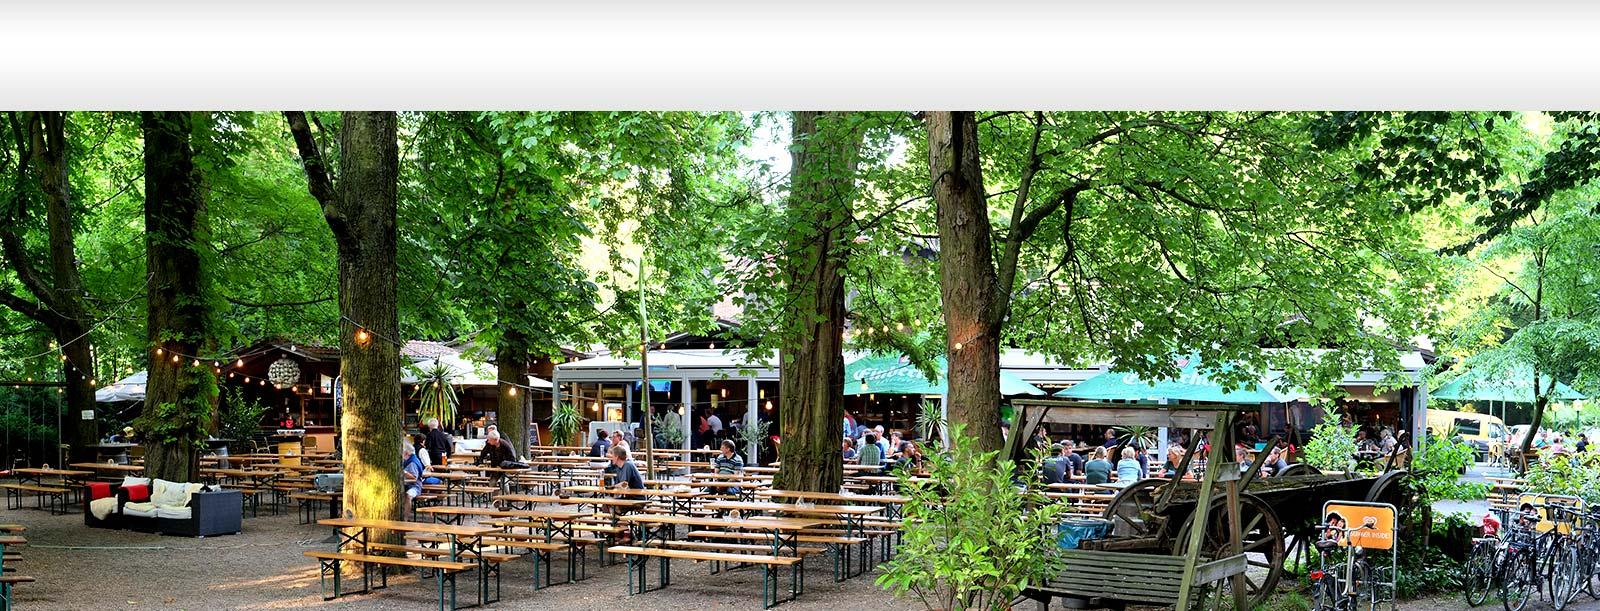 Biergarten Hannover 3